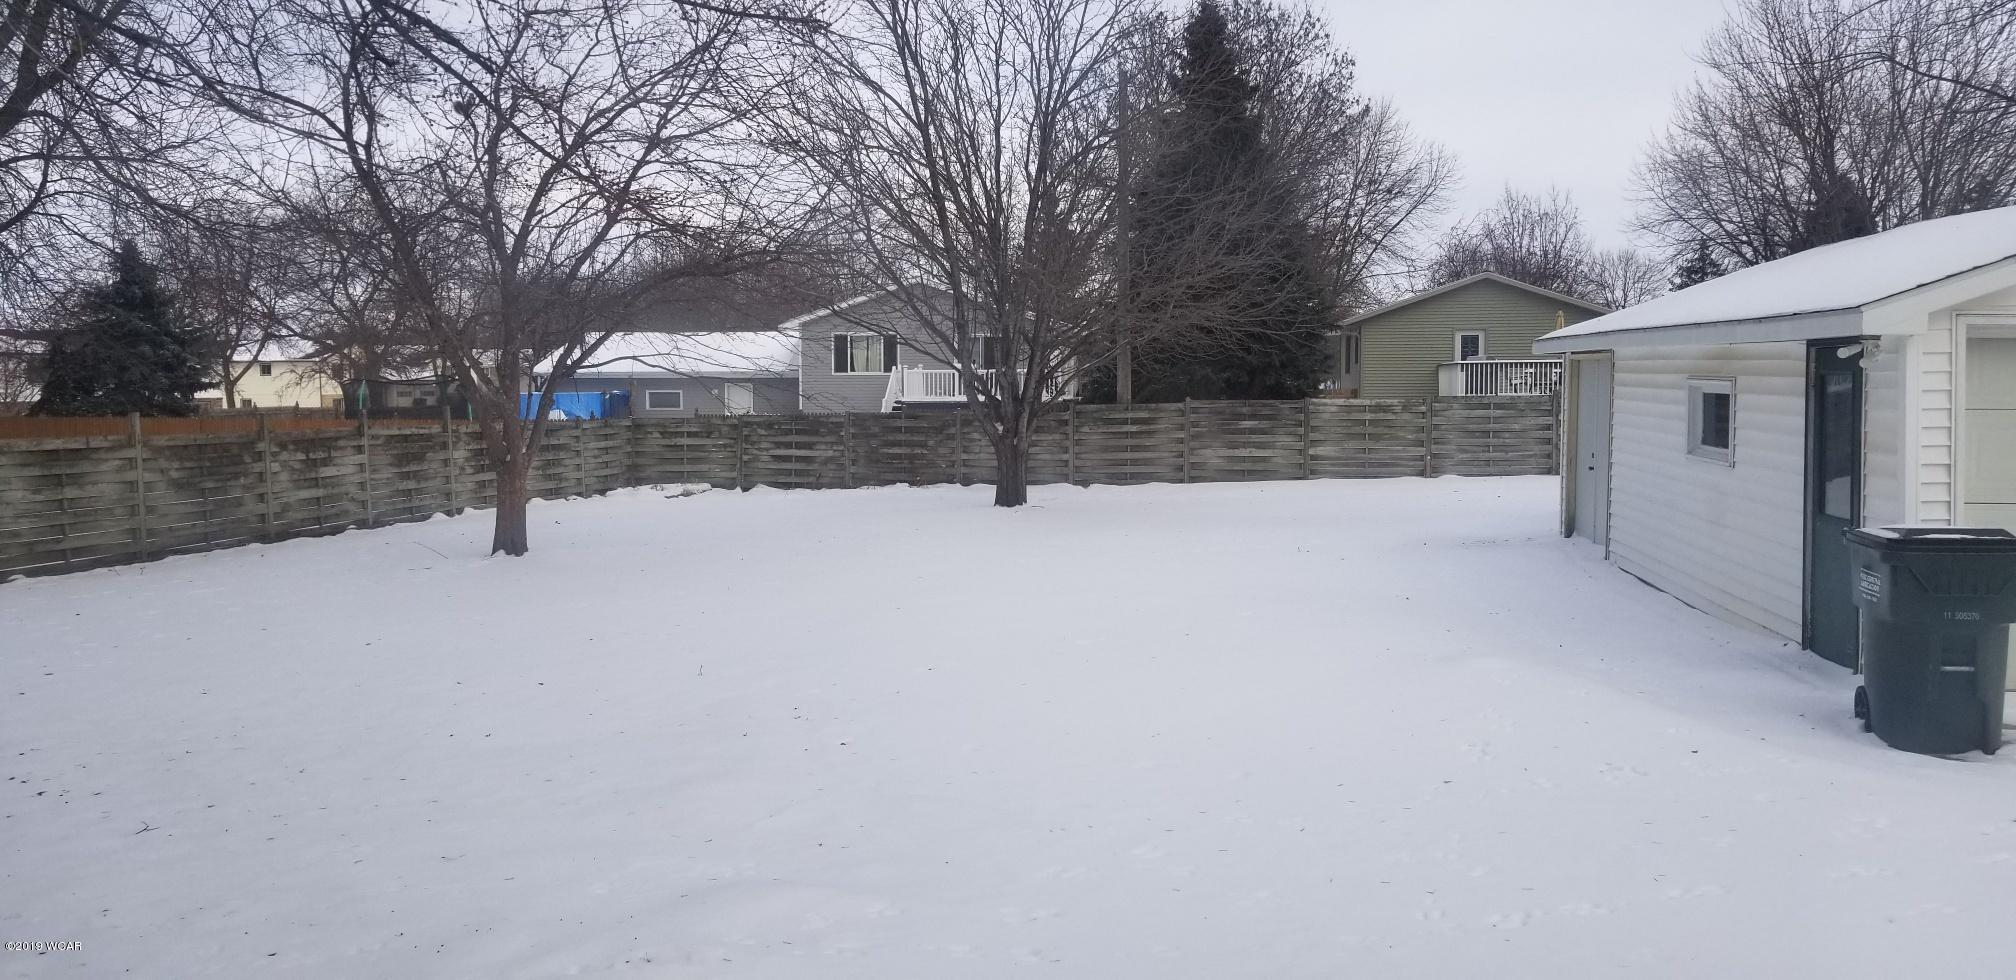 705 Lakeland Drive,Willmar,3 Bedrooms Bedrooms,2 BathroomsBathrooms,Single Family,Lakeland Drive,6033194